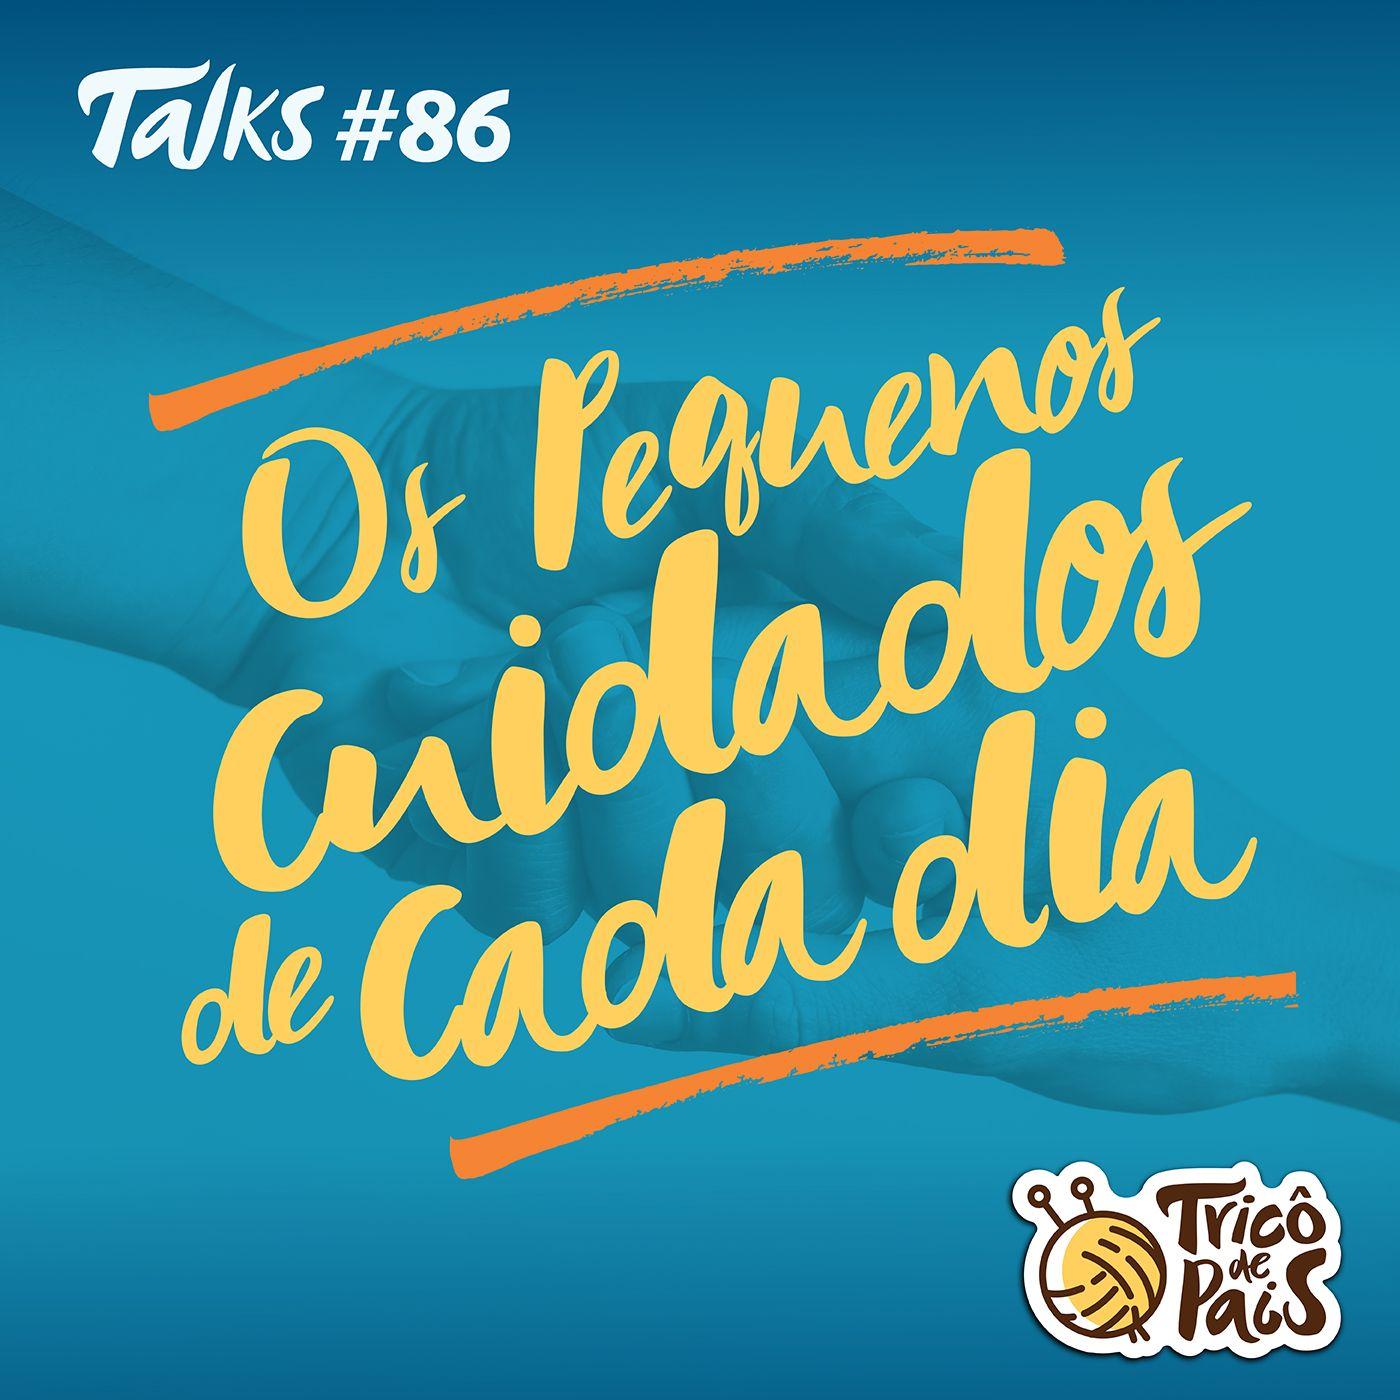 Tricô Talks 086 - Os Pequenos Cuidados de Cada Dia